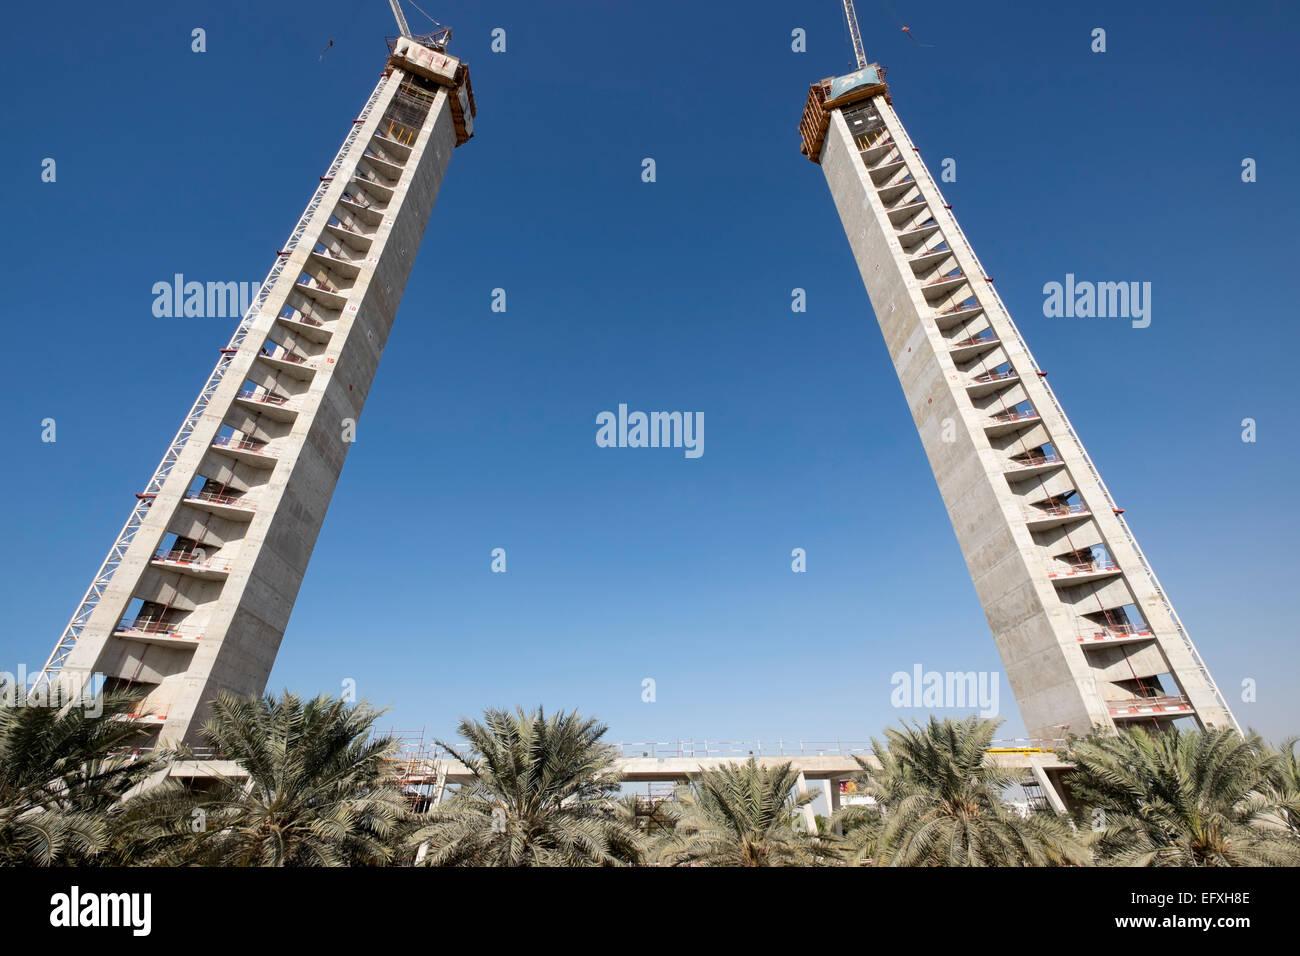 Die Dubai-Rahmenkonstruktion, eine neue Wahrzeichen touristische ...